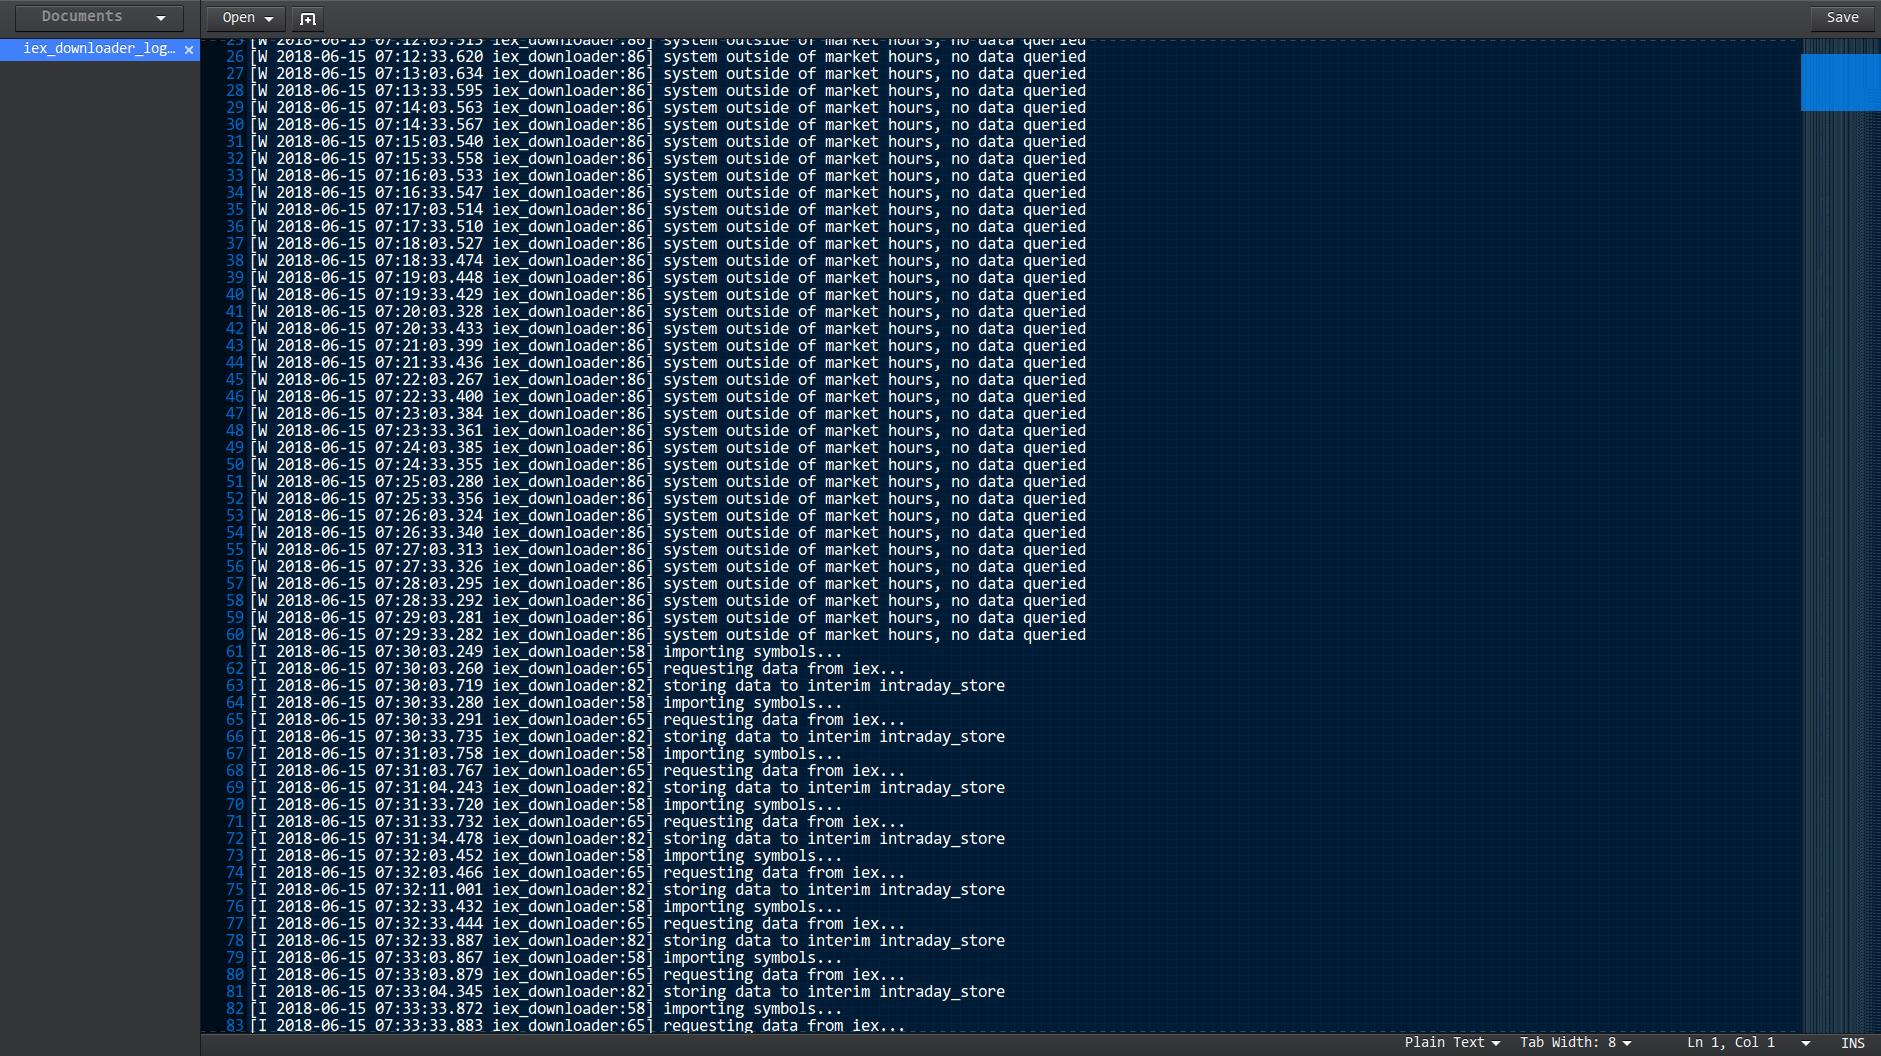 iex-downloader-log-output_Screenshot from 2018-06-15 12-08-42.png